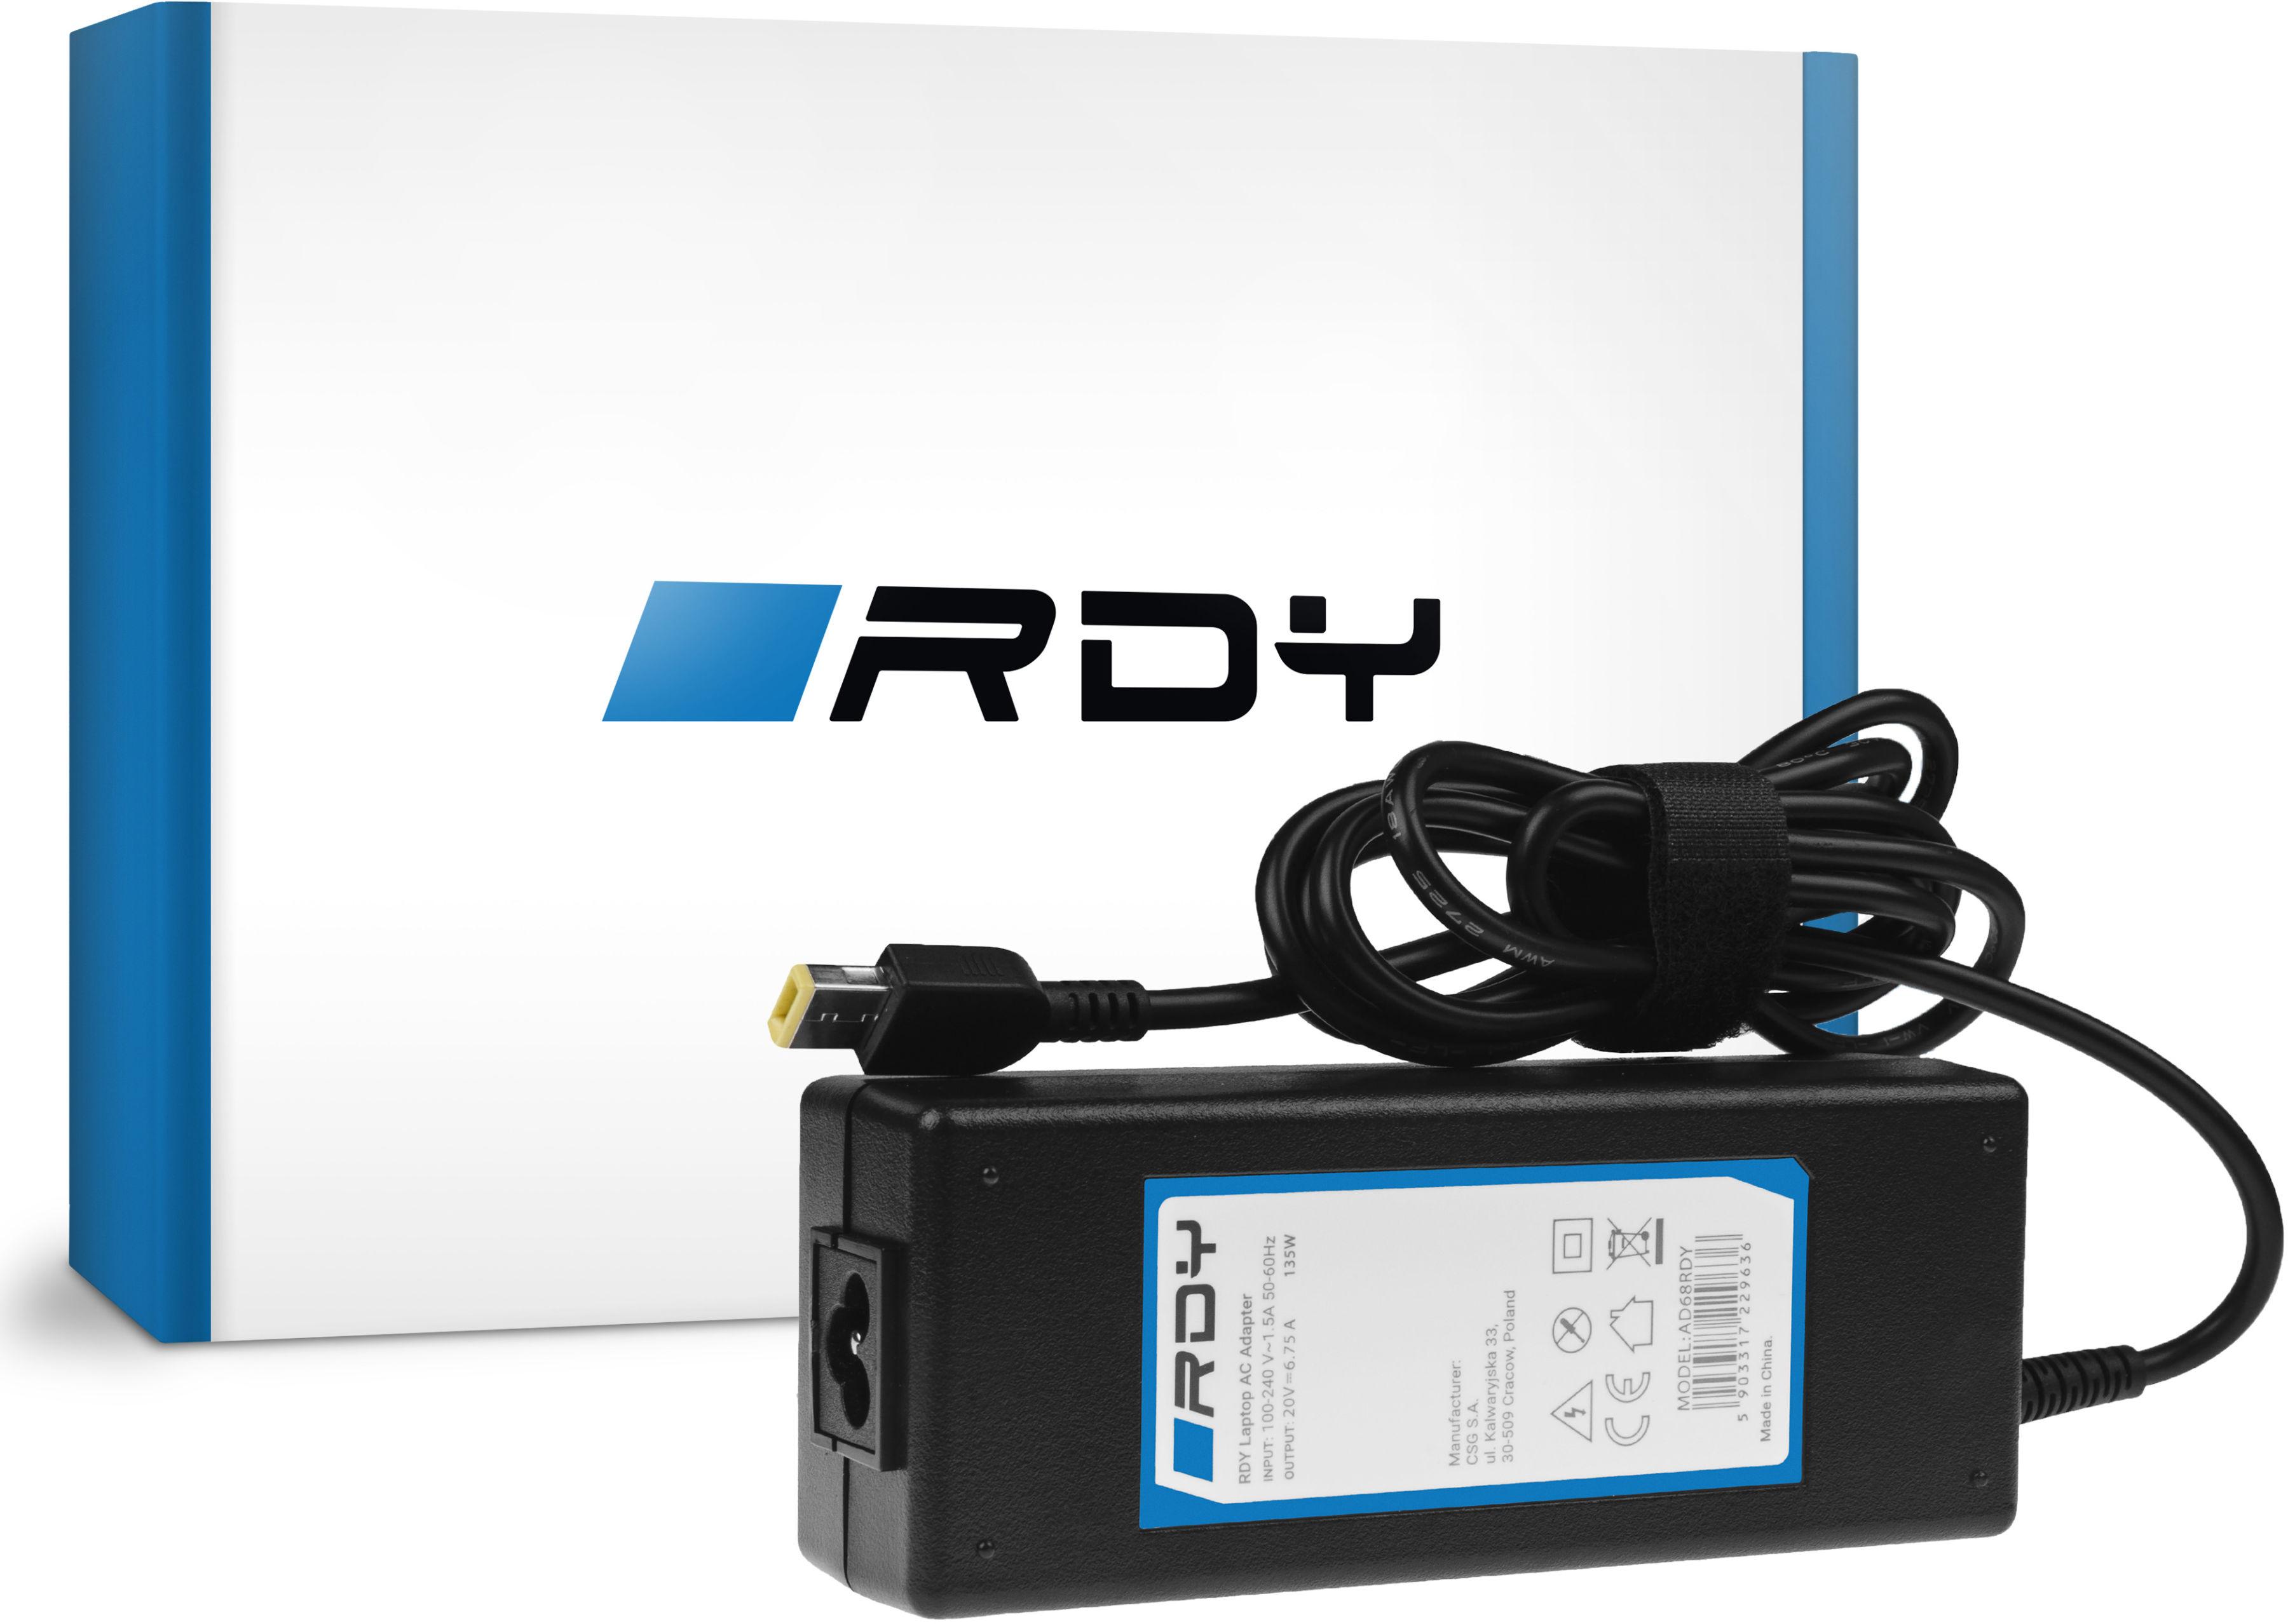 Zasilacz Ładowarka RDY 20V 6.75A 135W do Lenovo Y70 Y50-70 Y70 Y70-70 Y520 Y700 Z710 700-15ISK ThinkPad W540 T440p